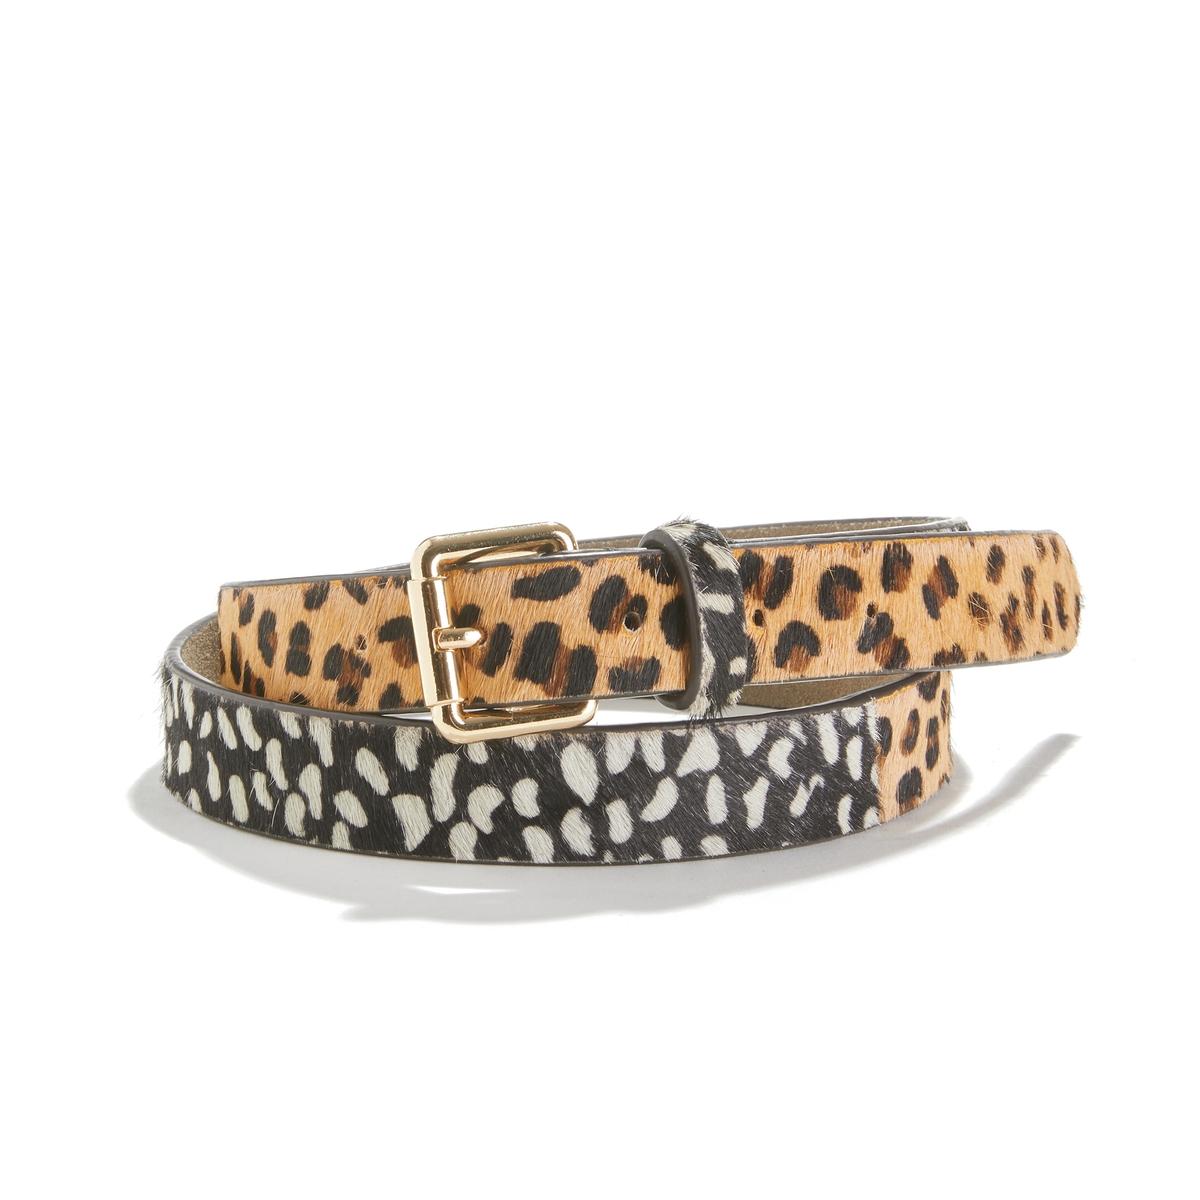 Cinturón de piel efecto leopardo